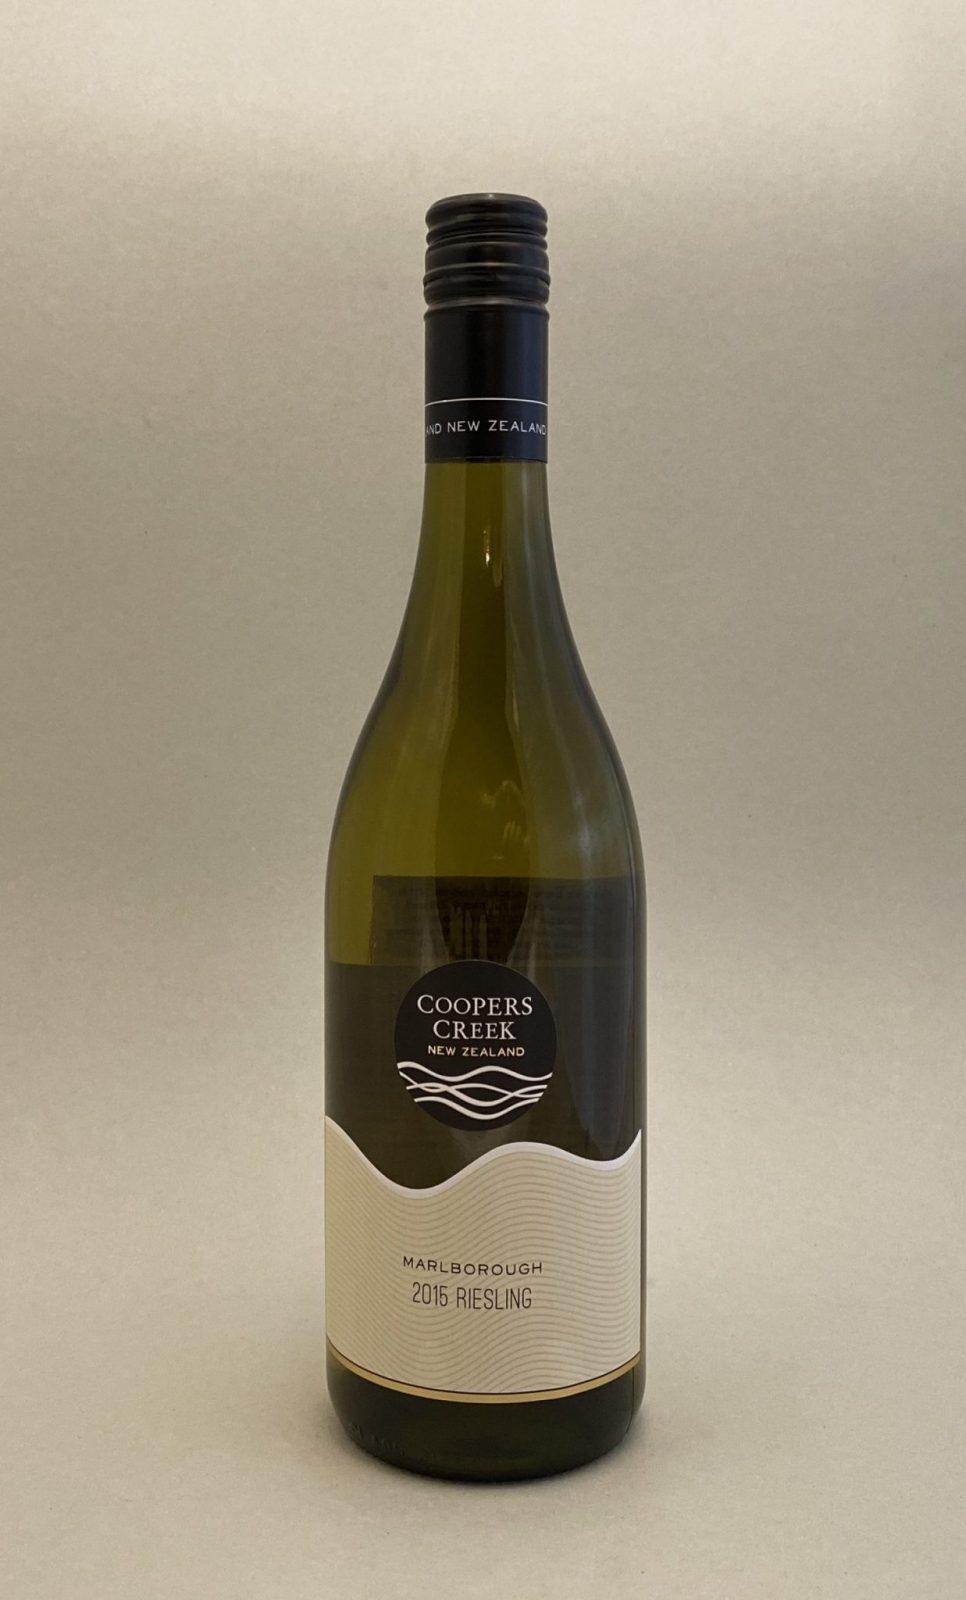 COOPERS CREEK Riesling 2015, vinoteka Sunny wines slnecnice mesto, Bratislava petrzalka, vino biele z Nového Zélandu